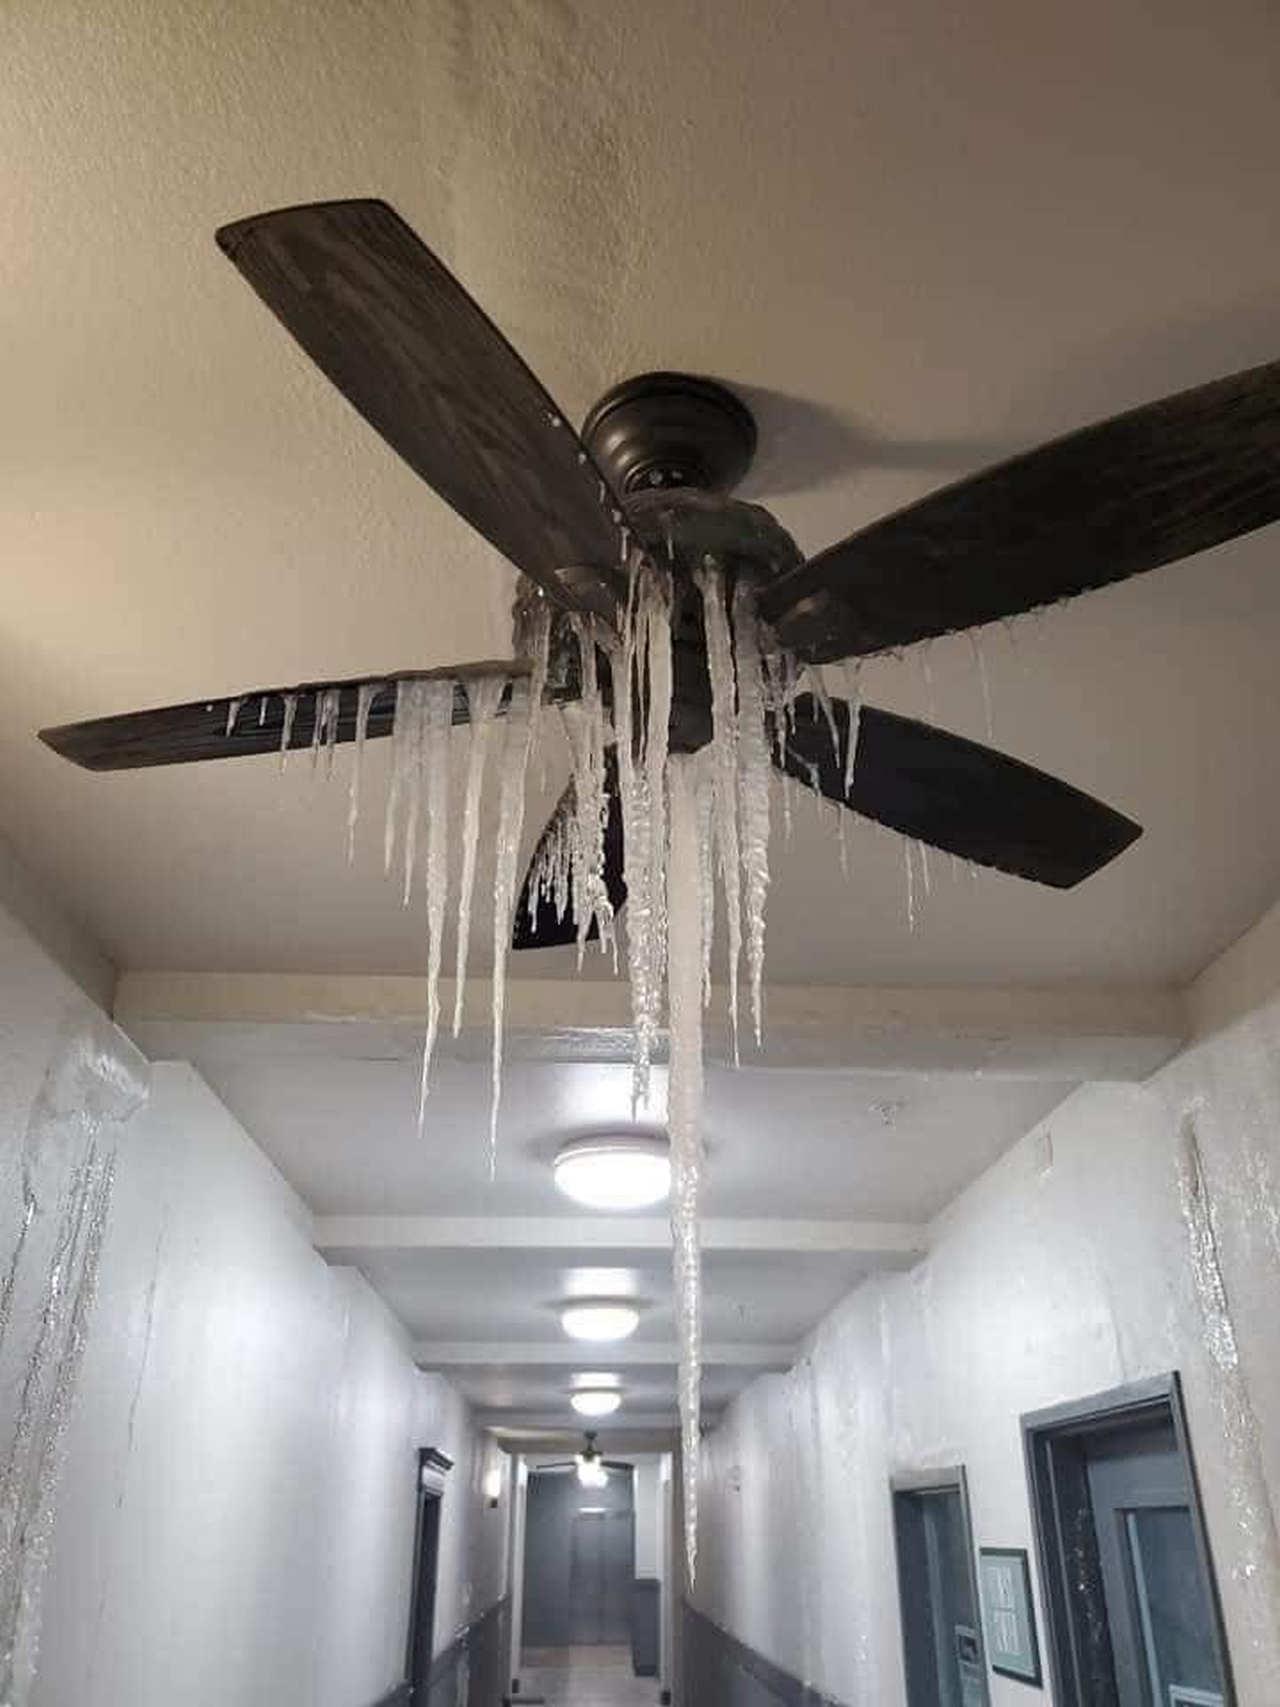 Effetti del gelo nelle abitazioni, a seguito dello scoppio delle tubature